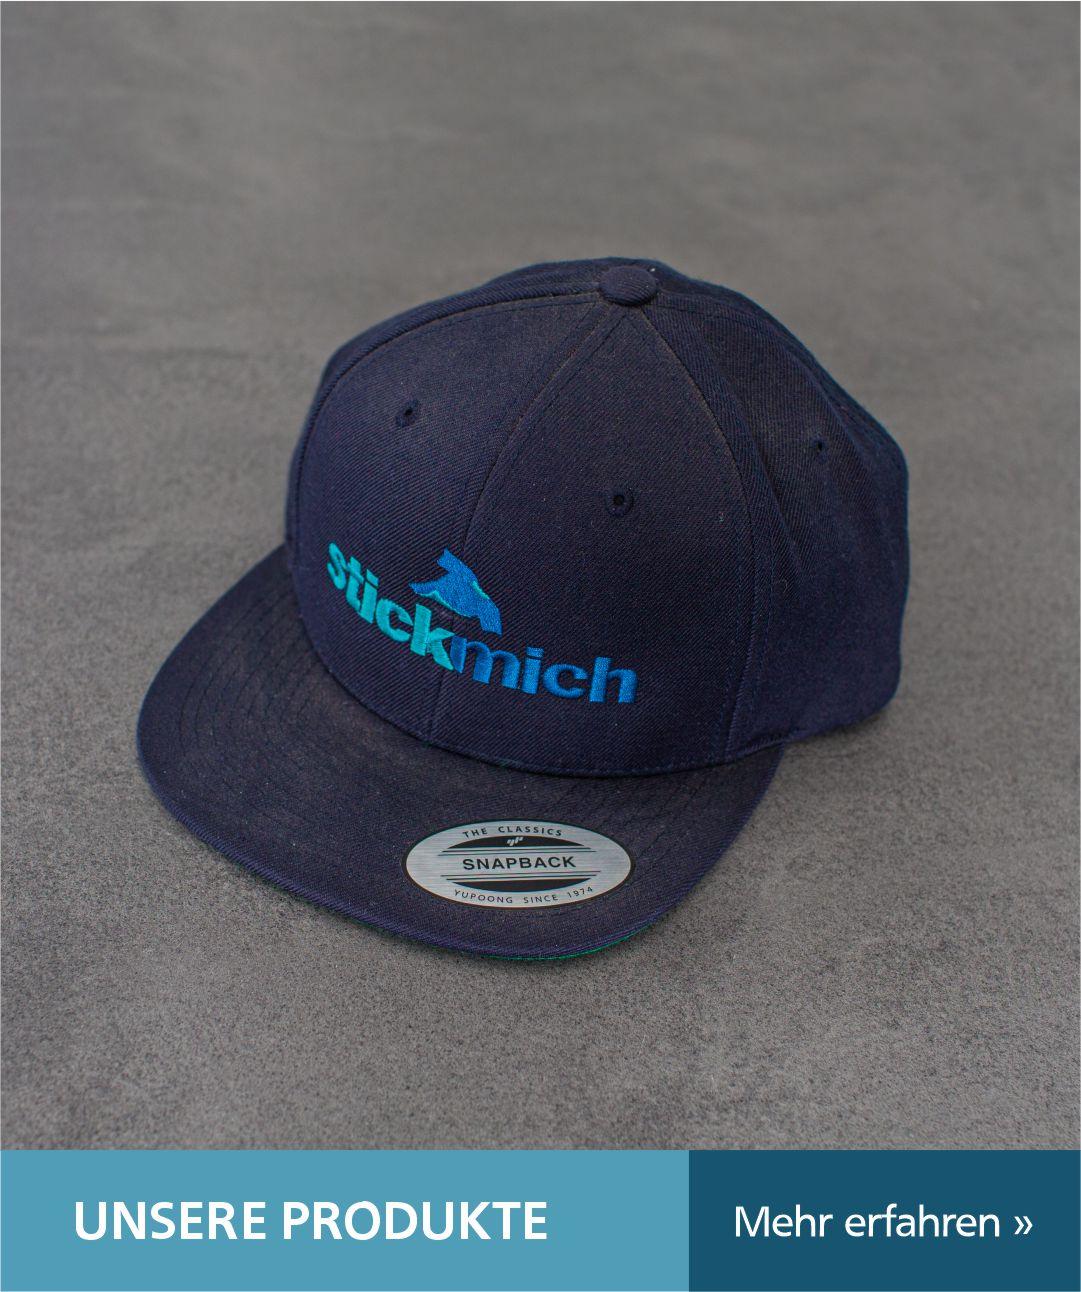 stickmich_slider_home_003